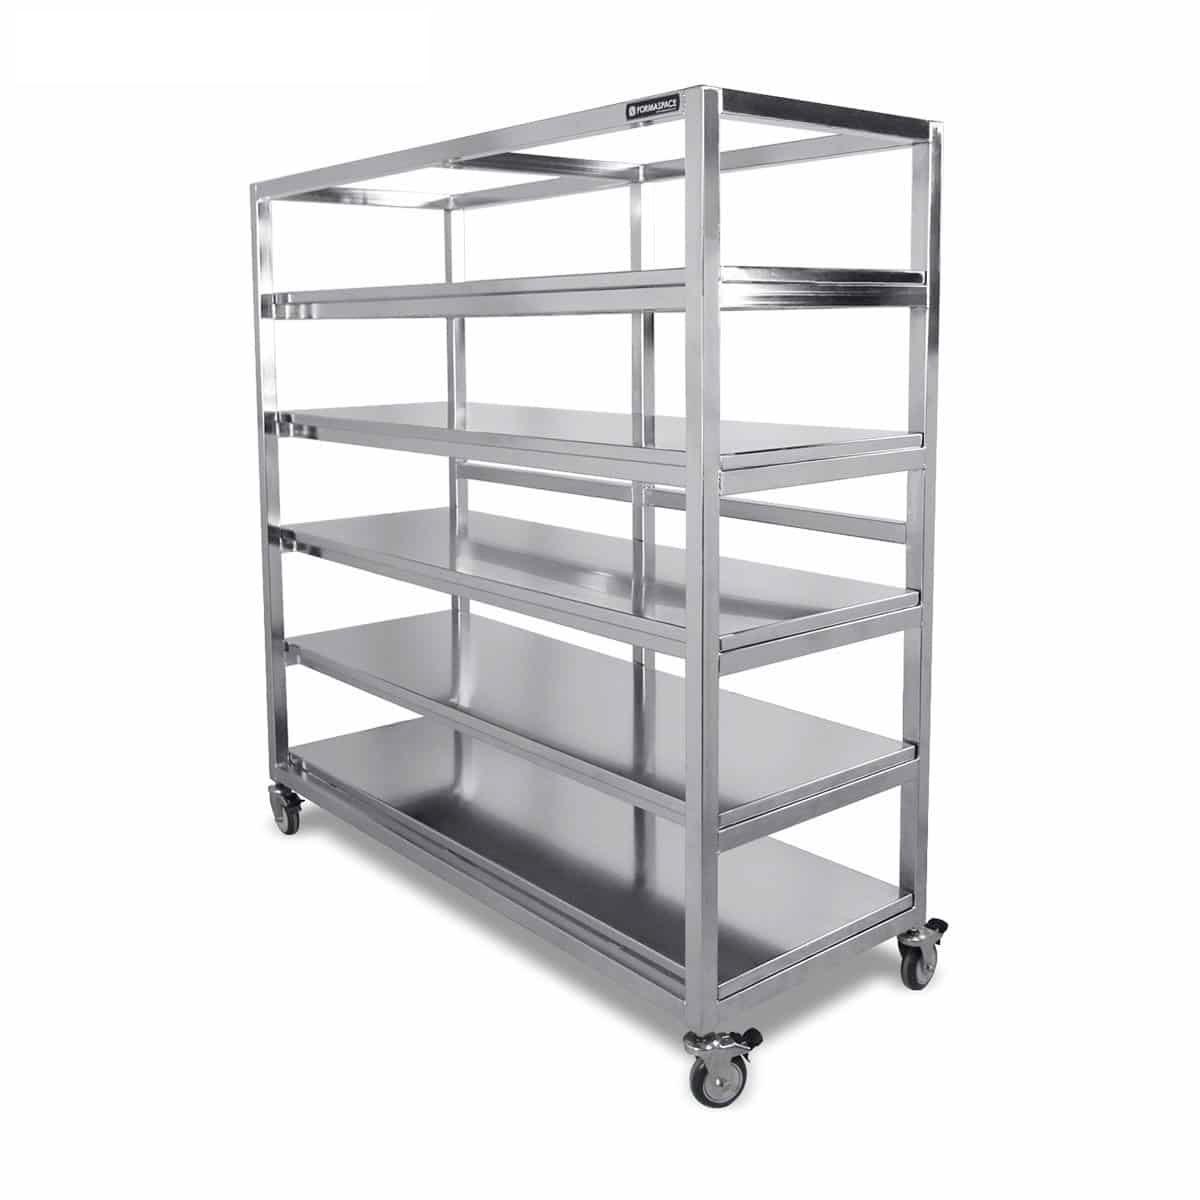 mobile stainless steel shelves